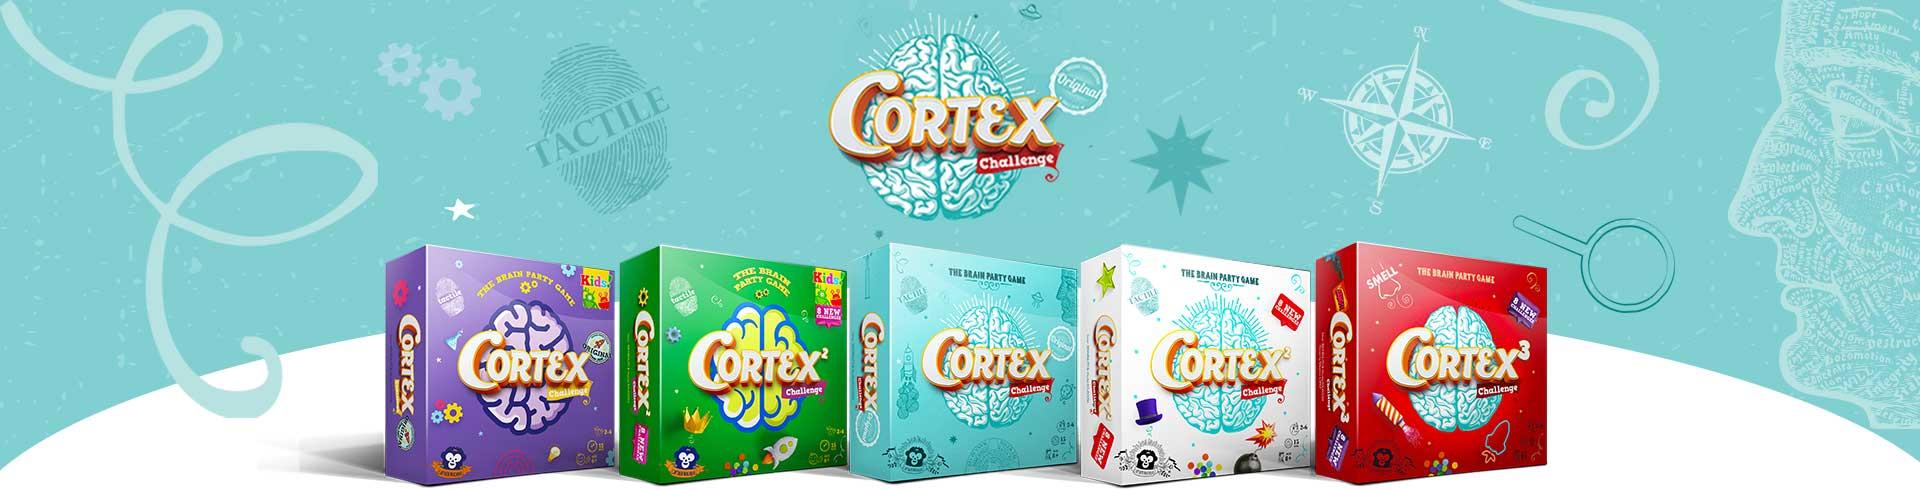 coolplay-cortex-drustvena-igra